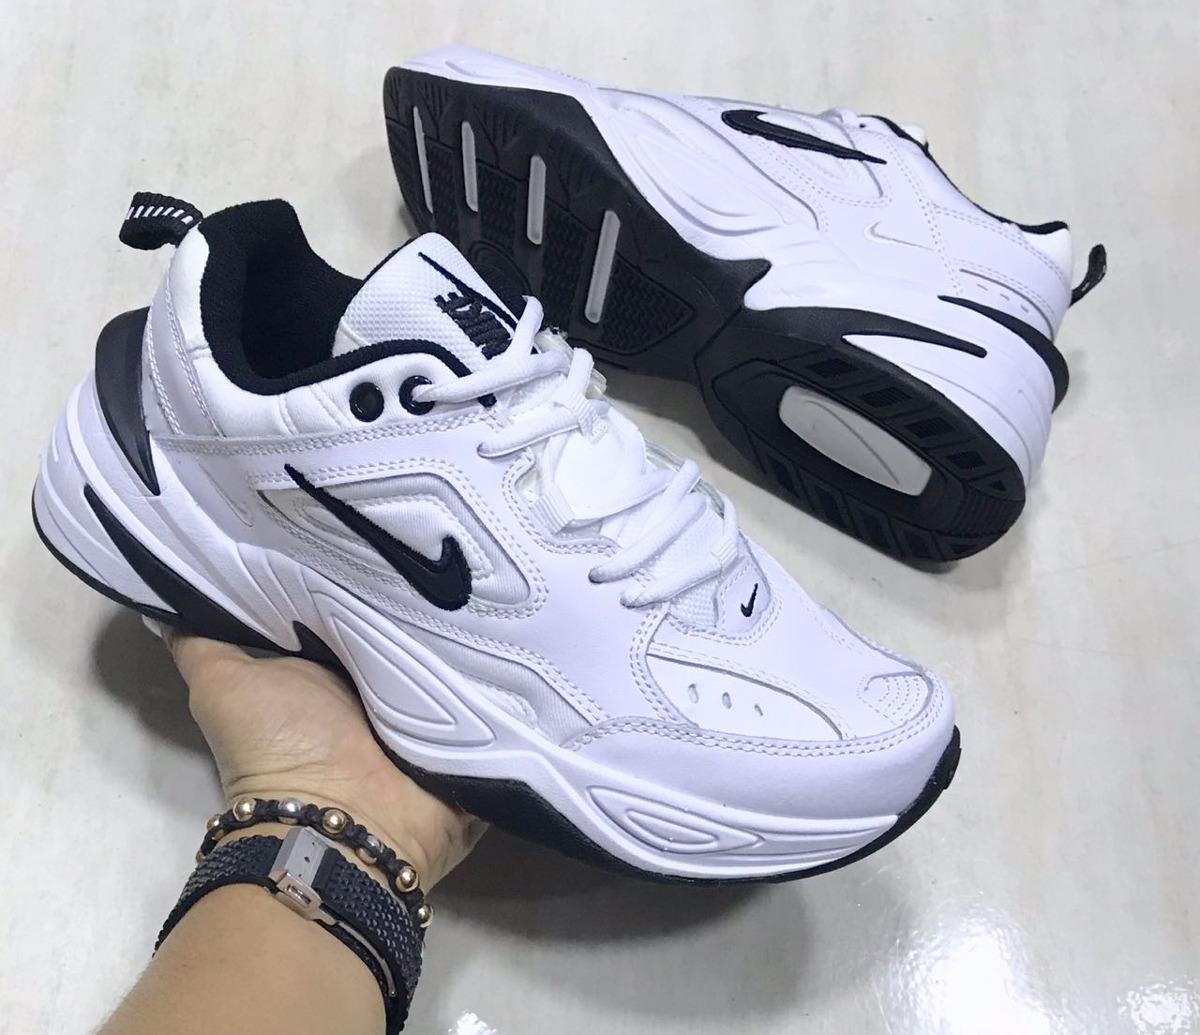 detailed look 063a4 5f0af Zapatillas Nike Para Caballero M2k Tekno - $ 170.000 en Mercado Libre